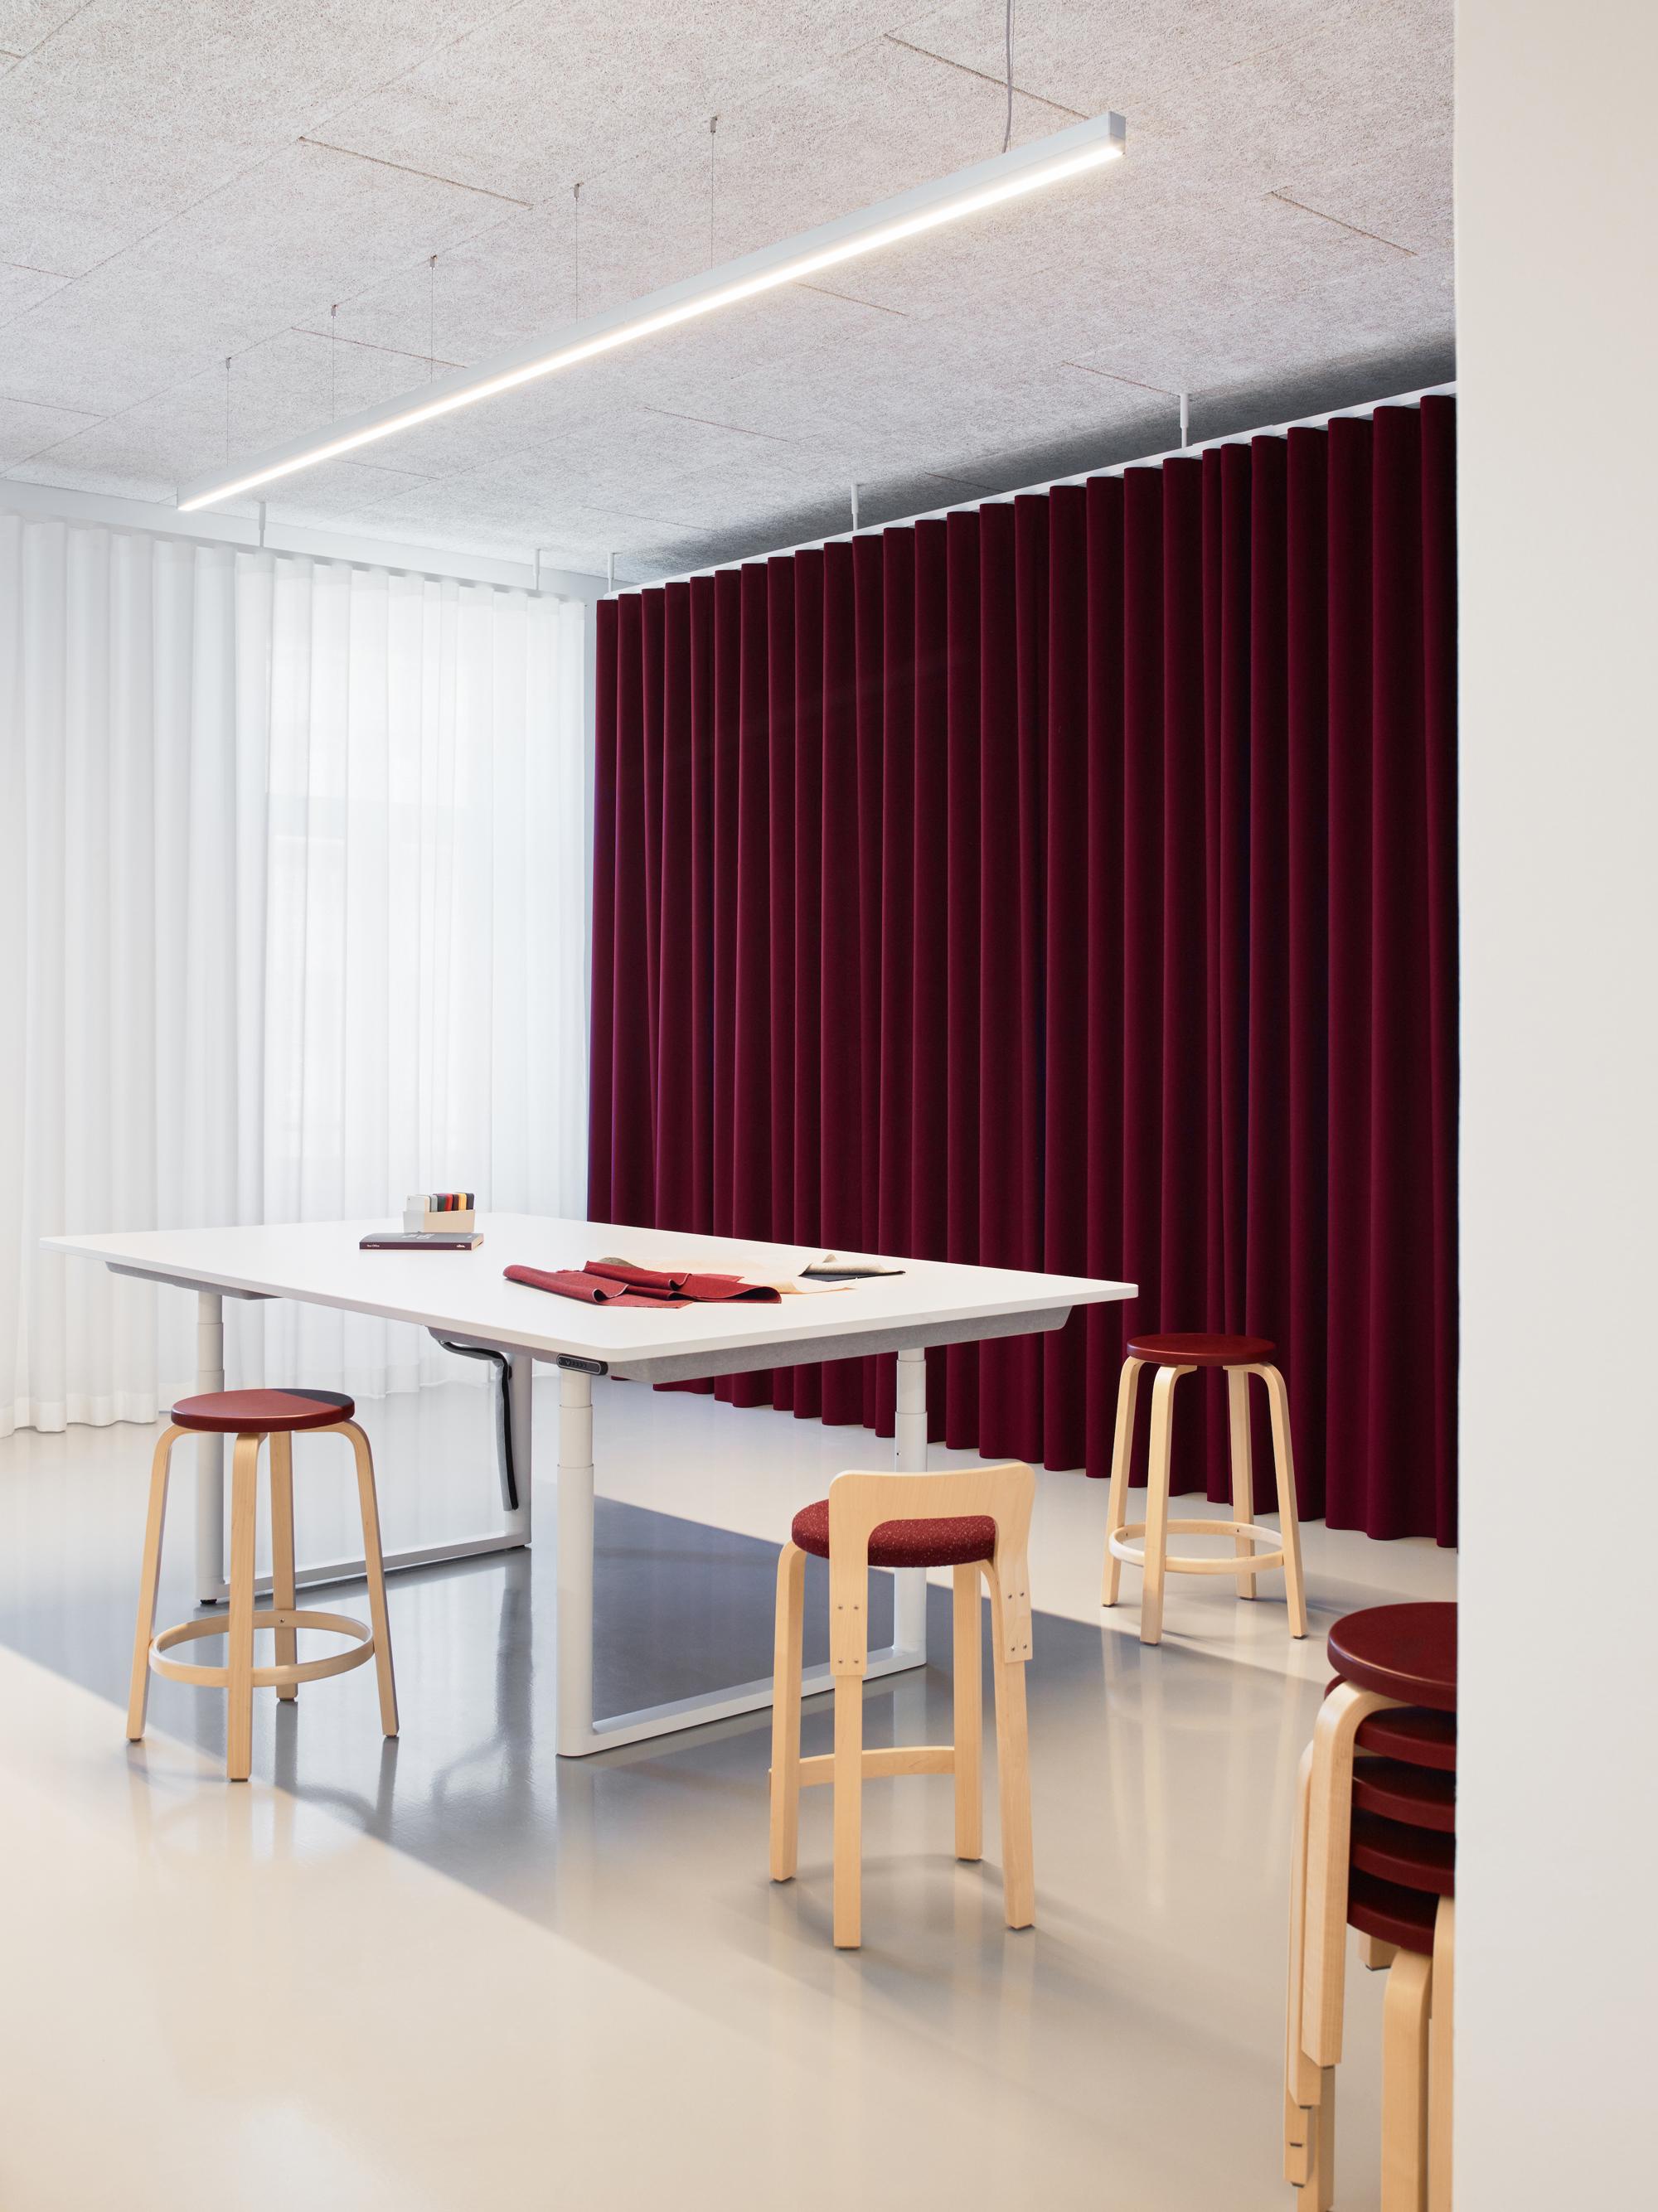 artek-office-helsinki-6.jpg